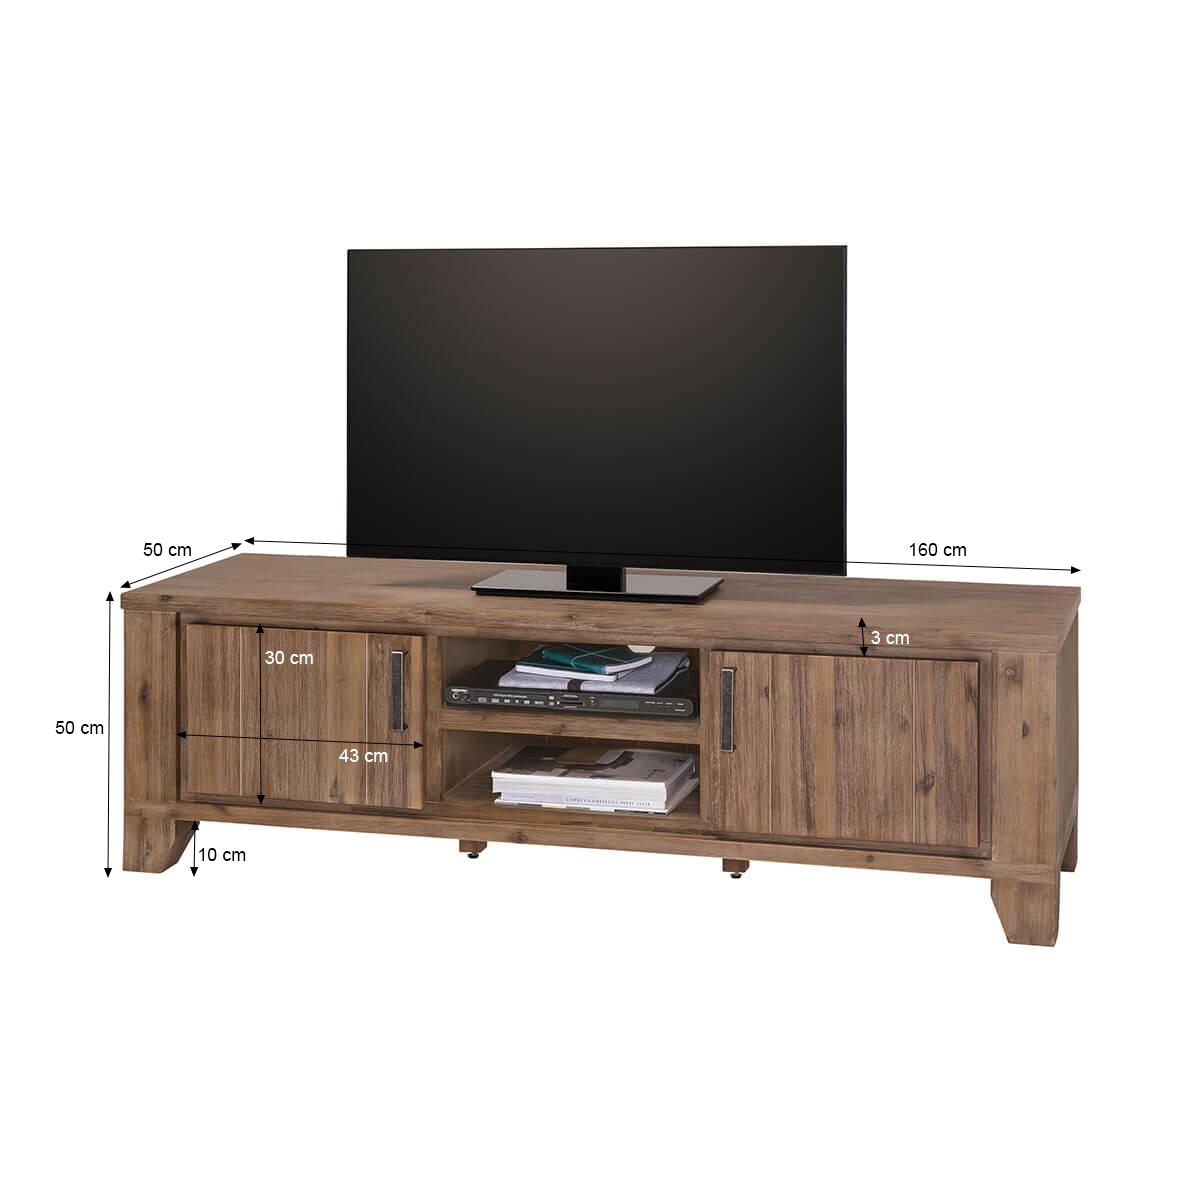 tv lowboard avora 160 cm breit in braun akazie massiv